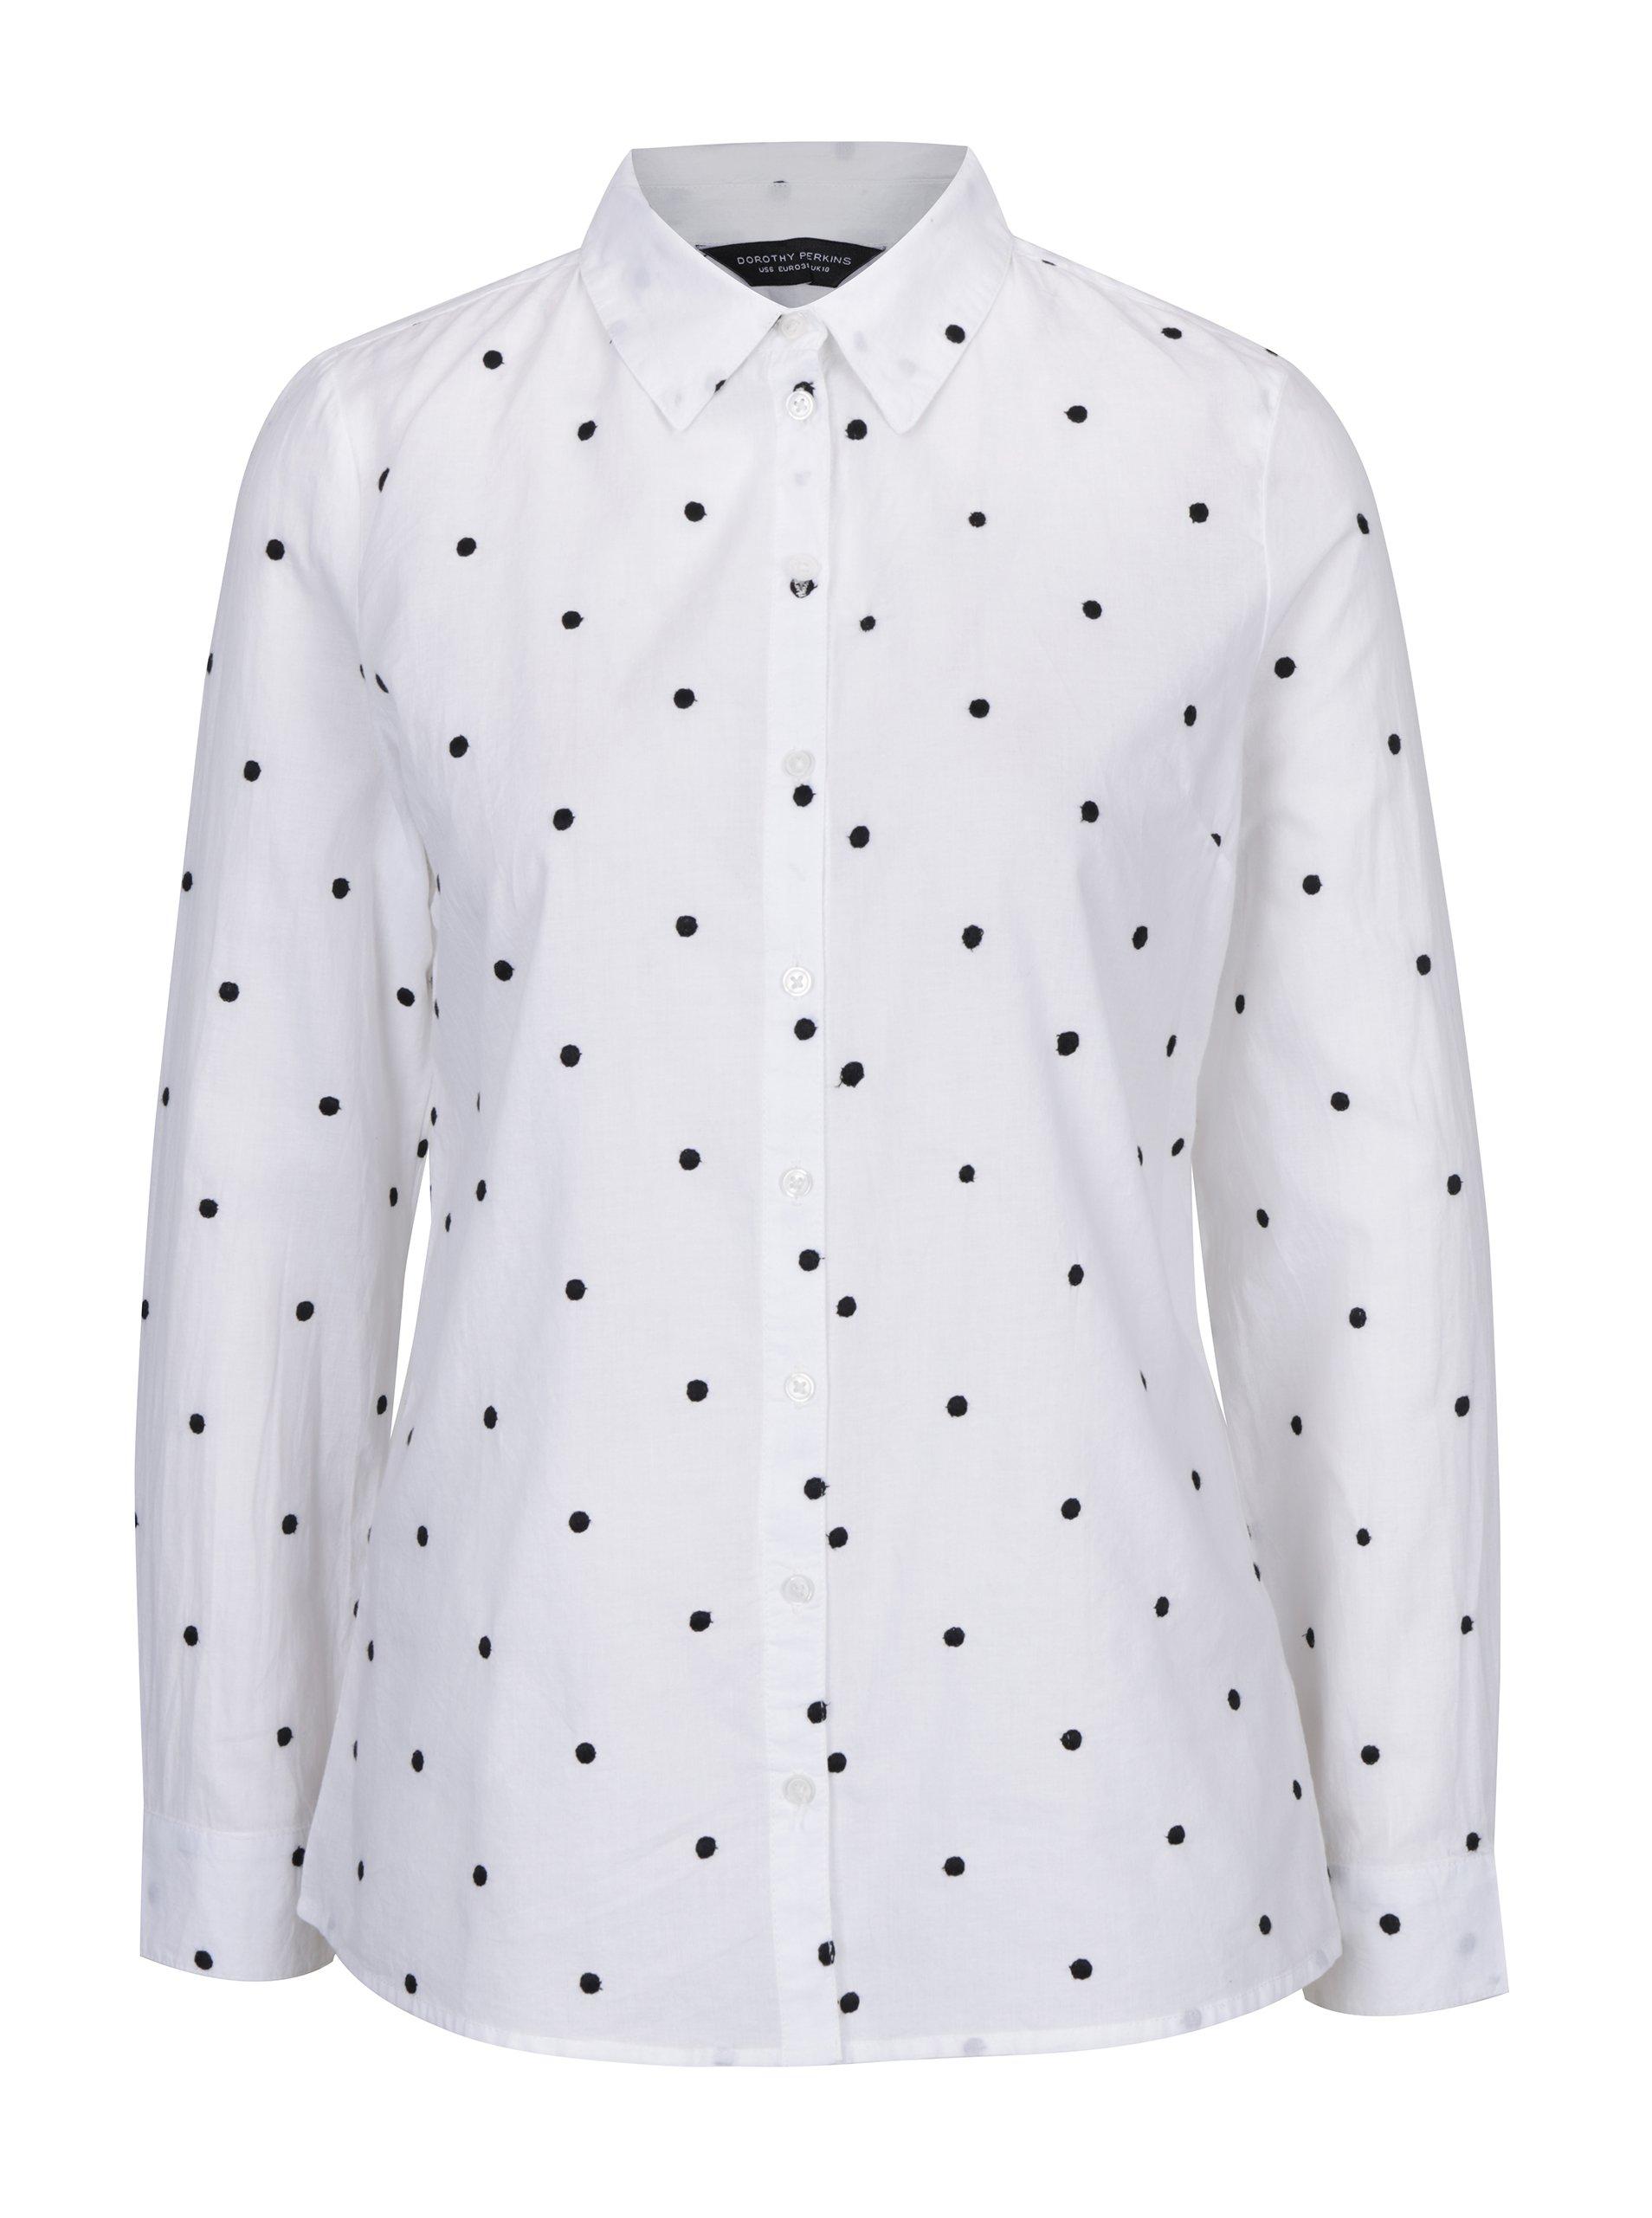 8c51b4a75c62 Bílá puntíkovaná košile Dorothy Perkins ŽENY   Topy